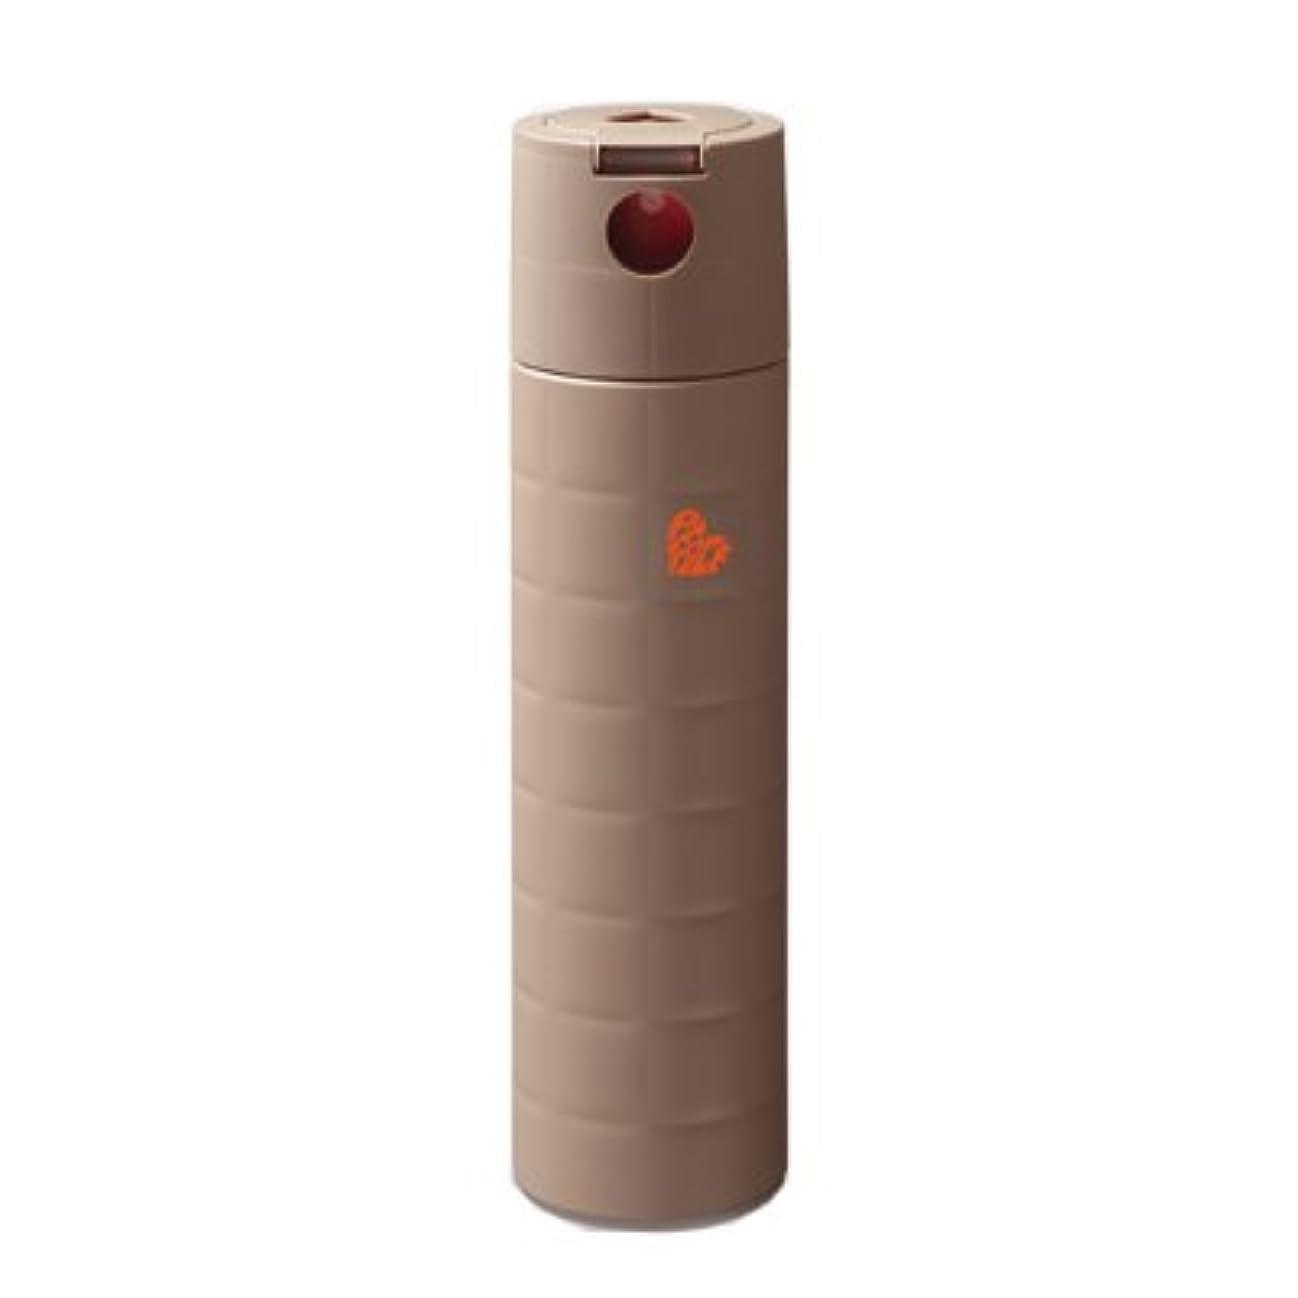 ポーチ乳製品多数のアリミノ ピース ワックスspray カフェオレ 143g(200ml) スプレーライン ARIMINO PEACE